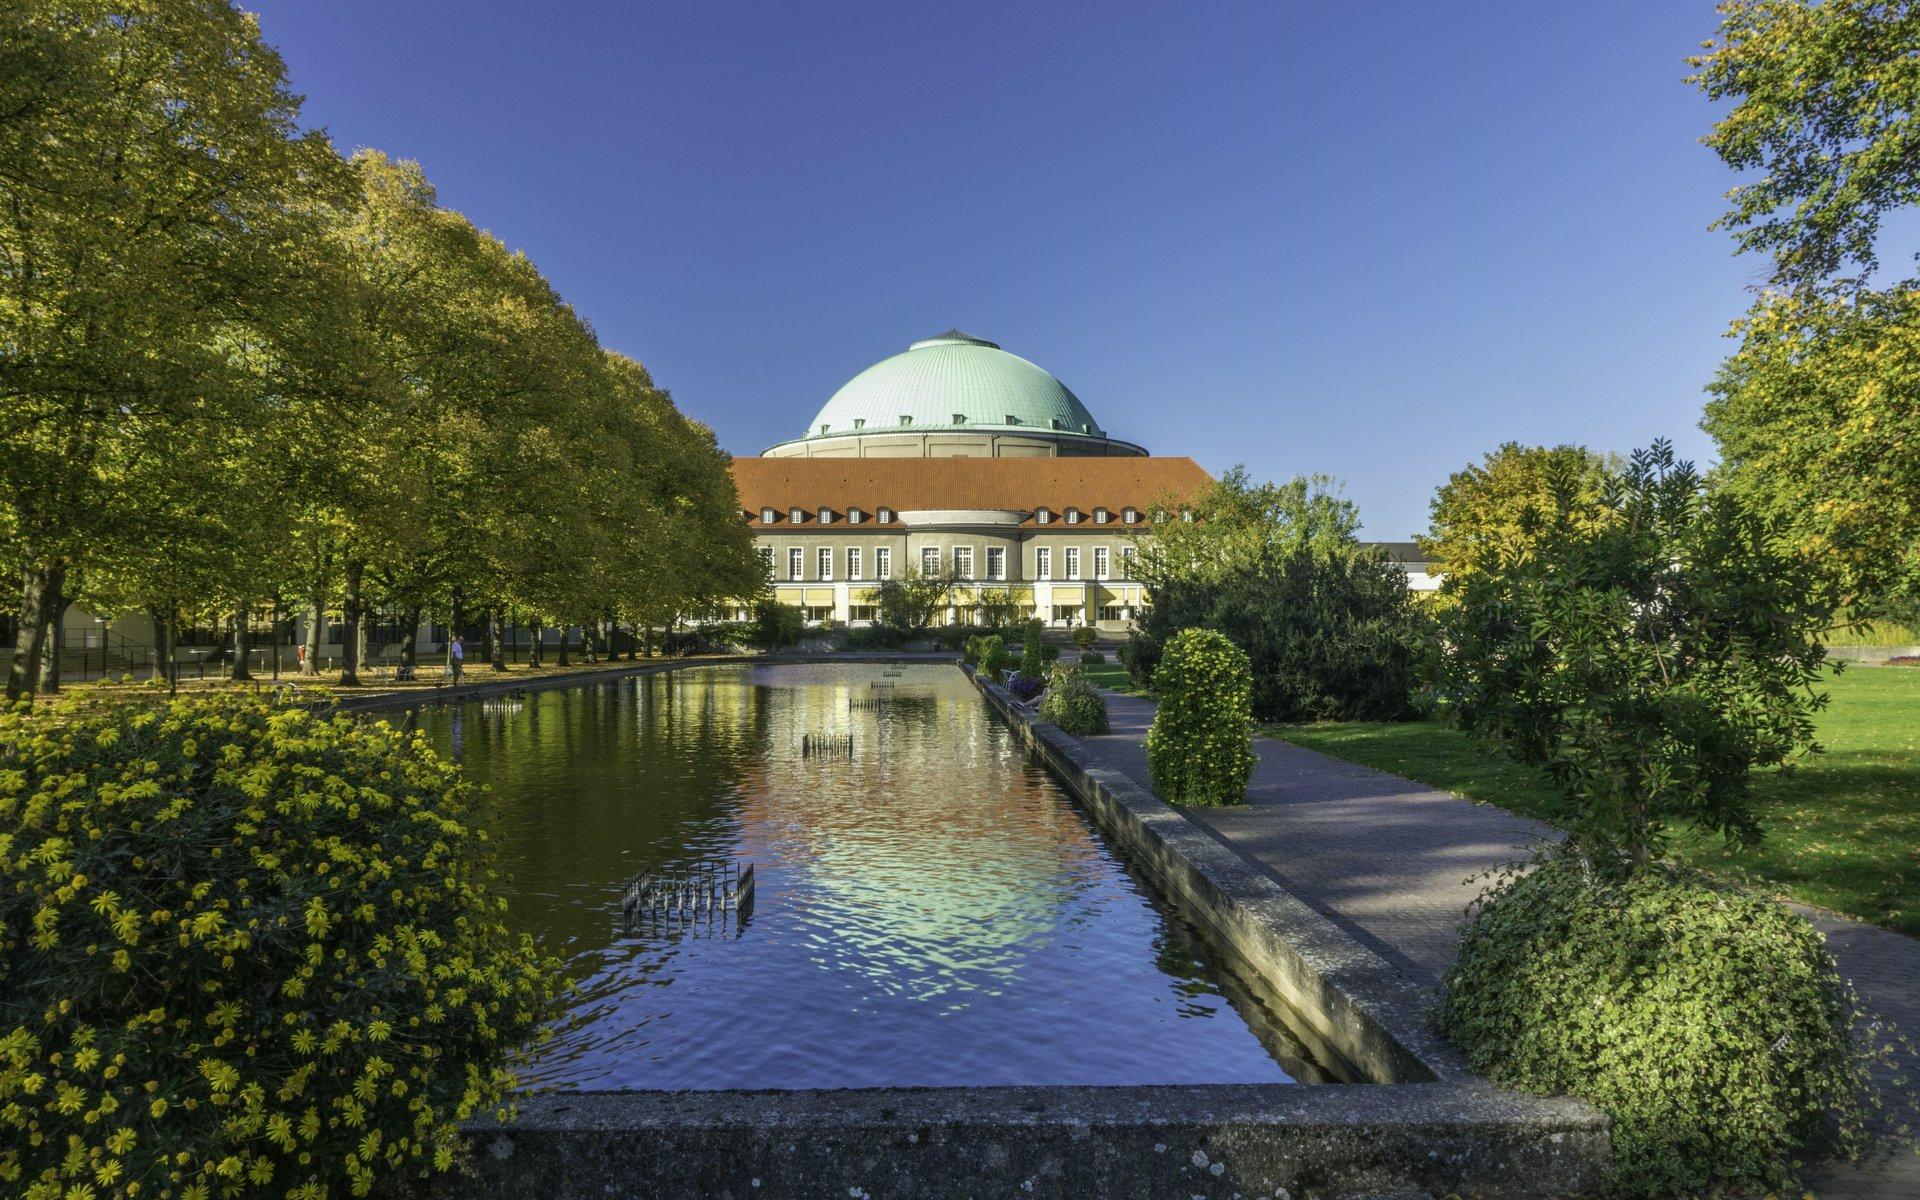 Fontänengarten und Kuppelsaal im Stadtpark